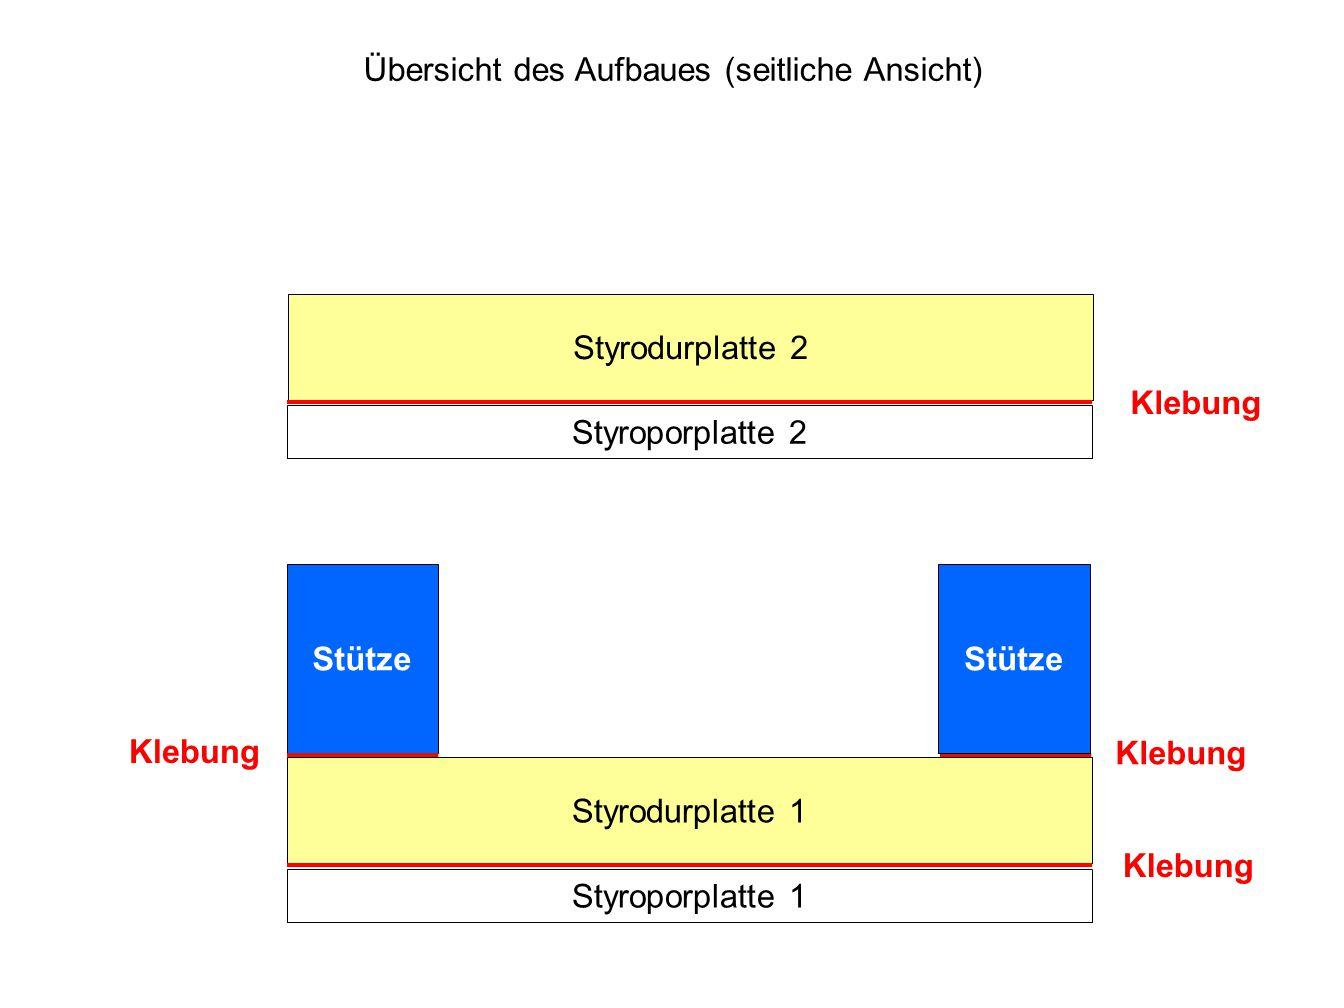 Übersicht des Aufbaues (seitliche Ansicht) Styroporplatte 1 Styrodurplatte 1 Styroporplatte 2 Styrodurplatte 2 Stütze Klebung Stütze